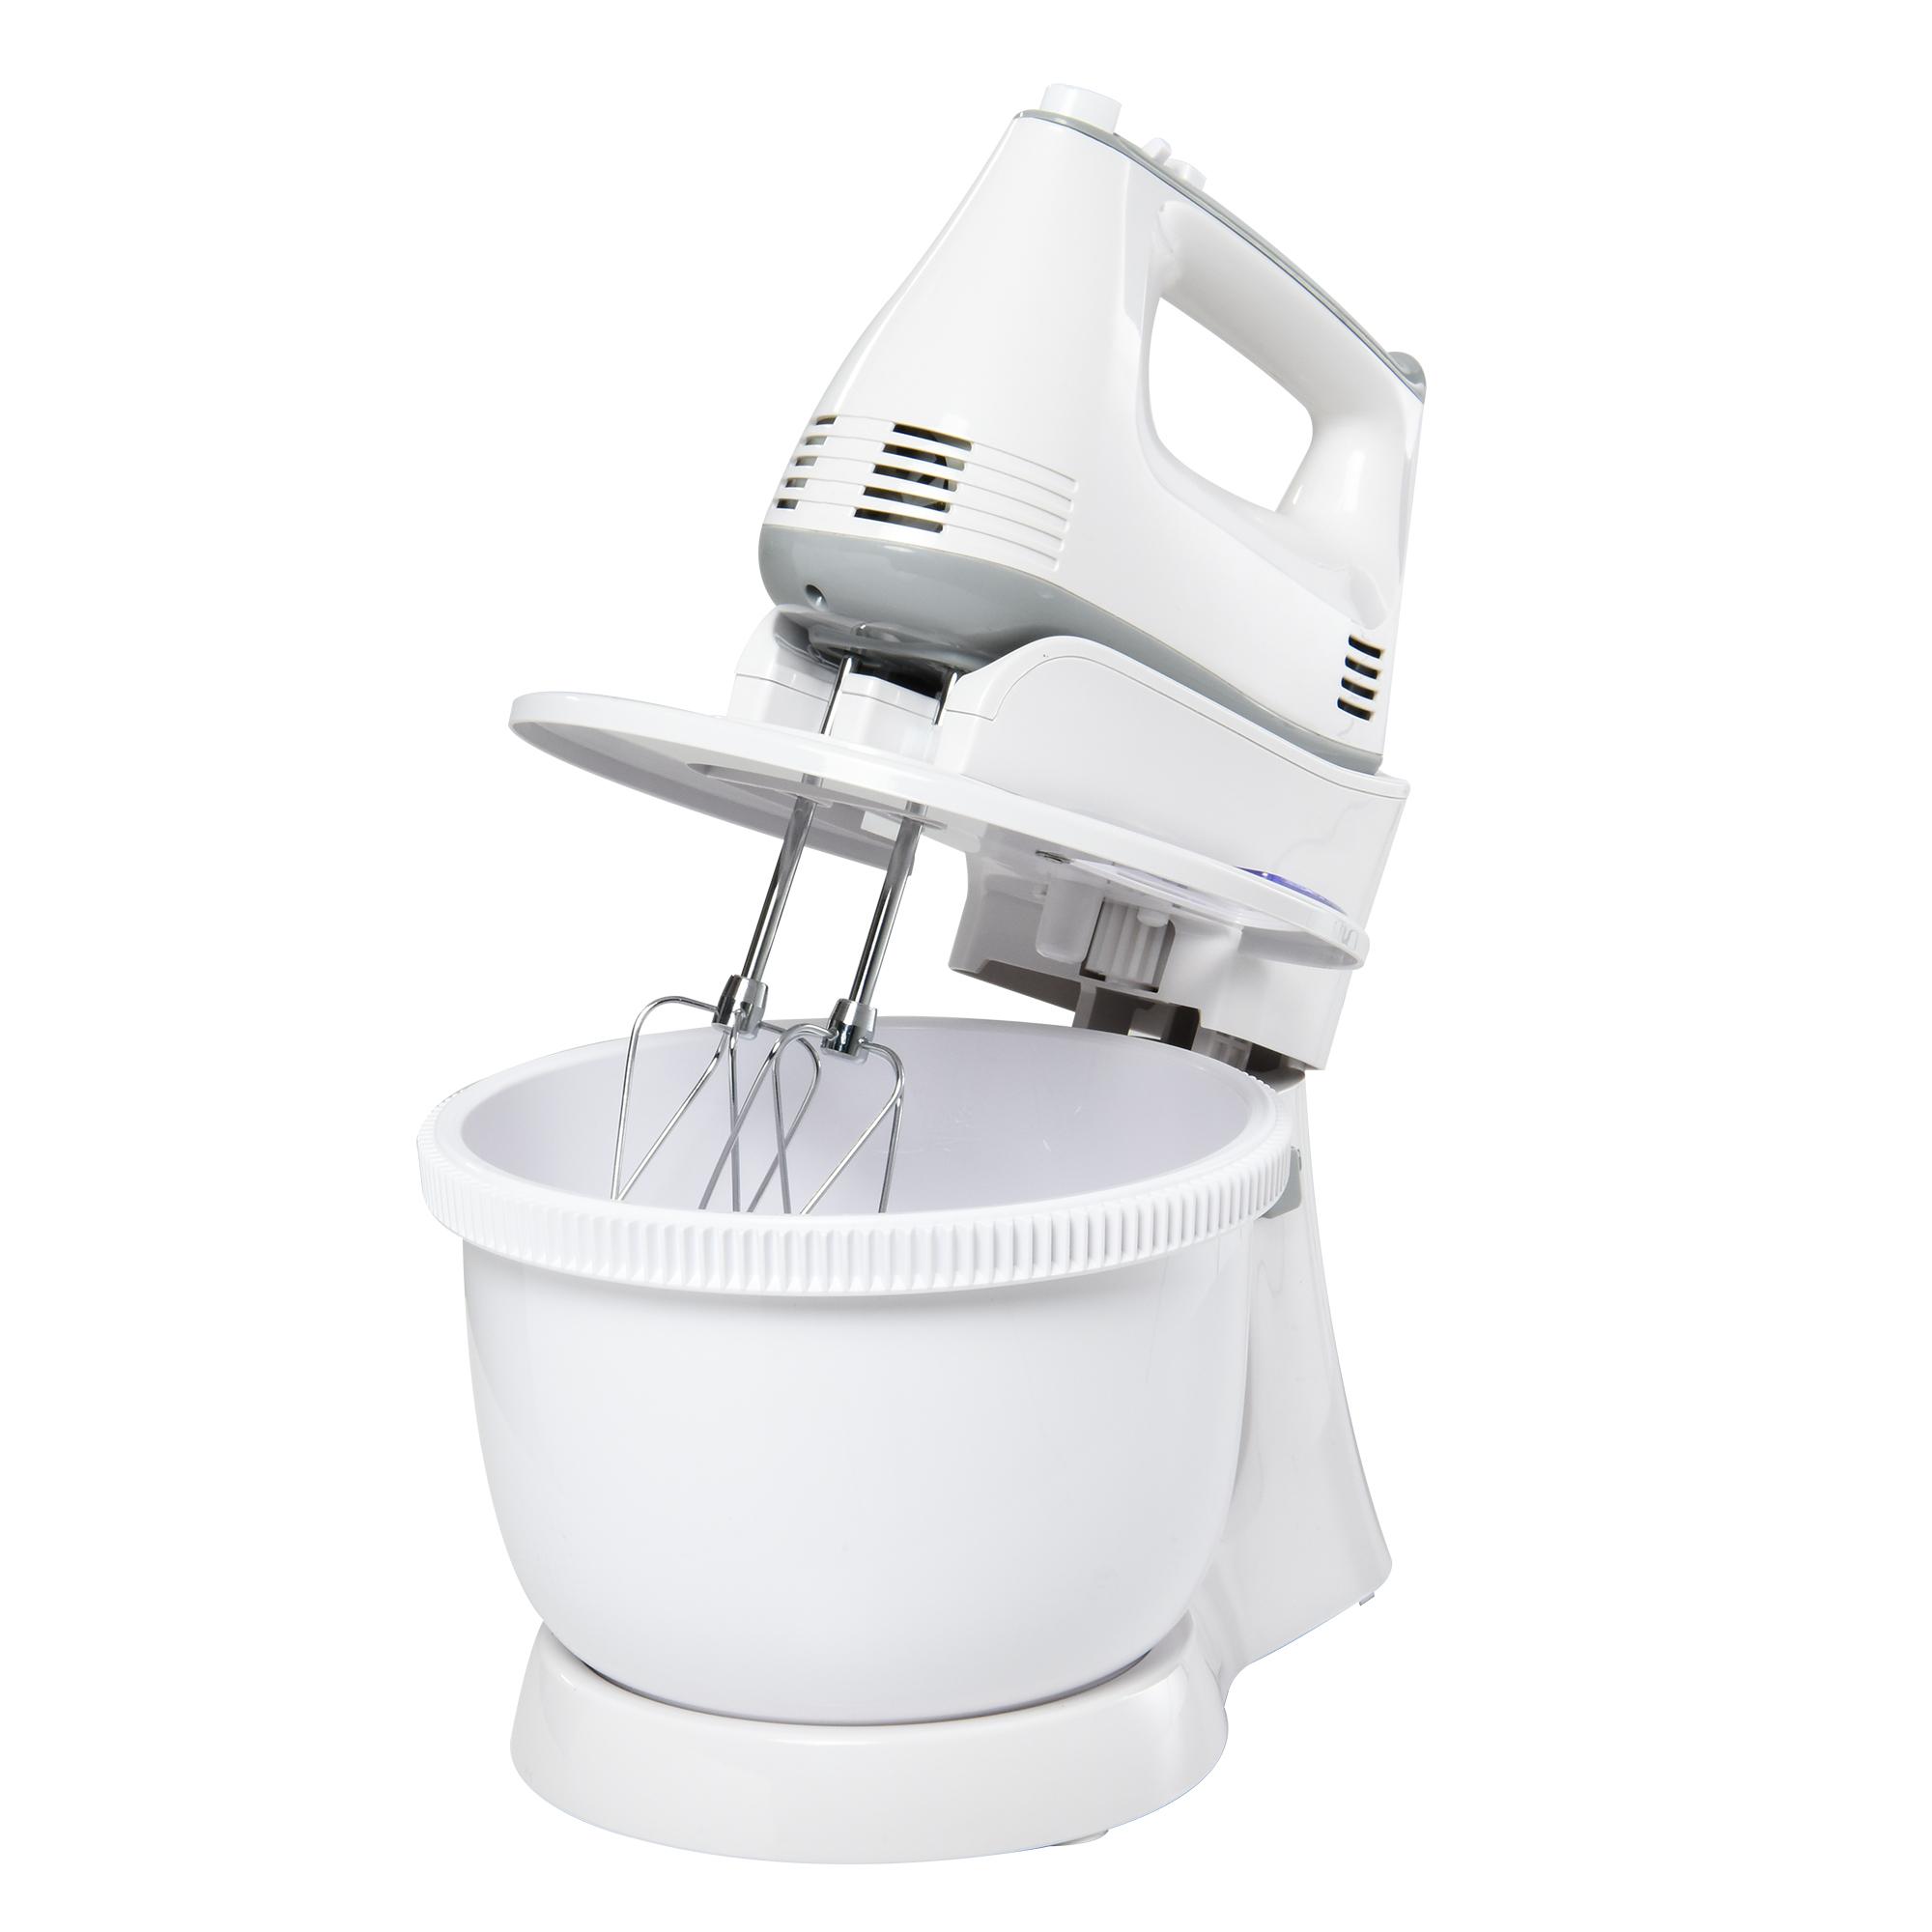 Image of HOMCOM Impastatrice Planetaria Mixer Elettrico a Mano 6 Velocità, Ciotola 3.4L